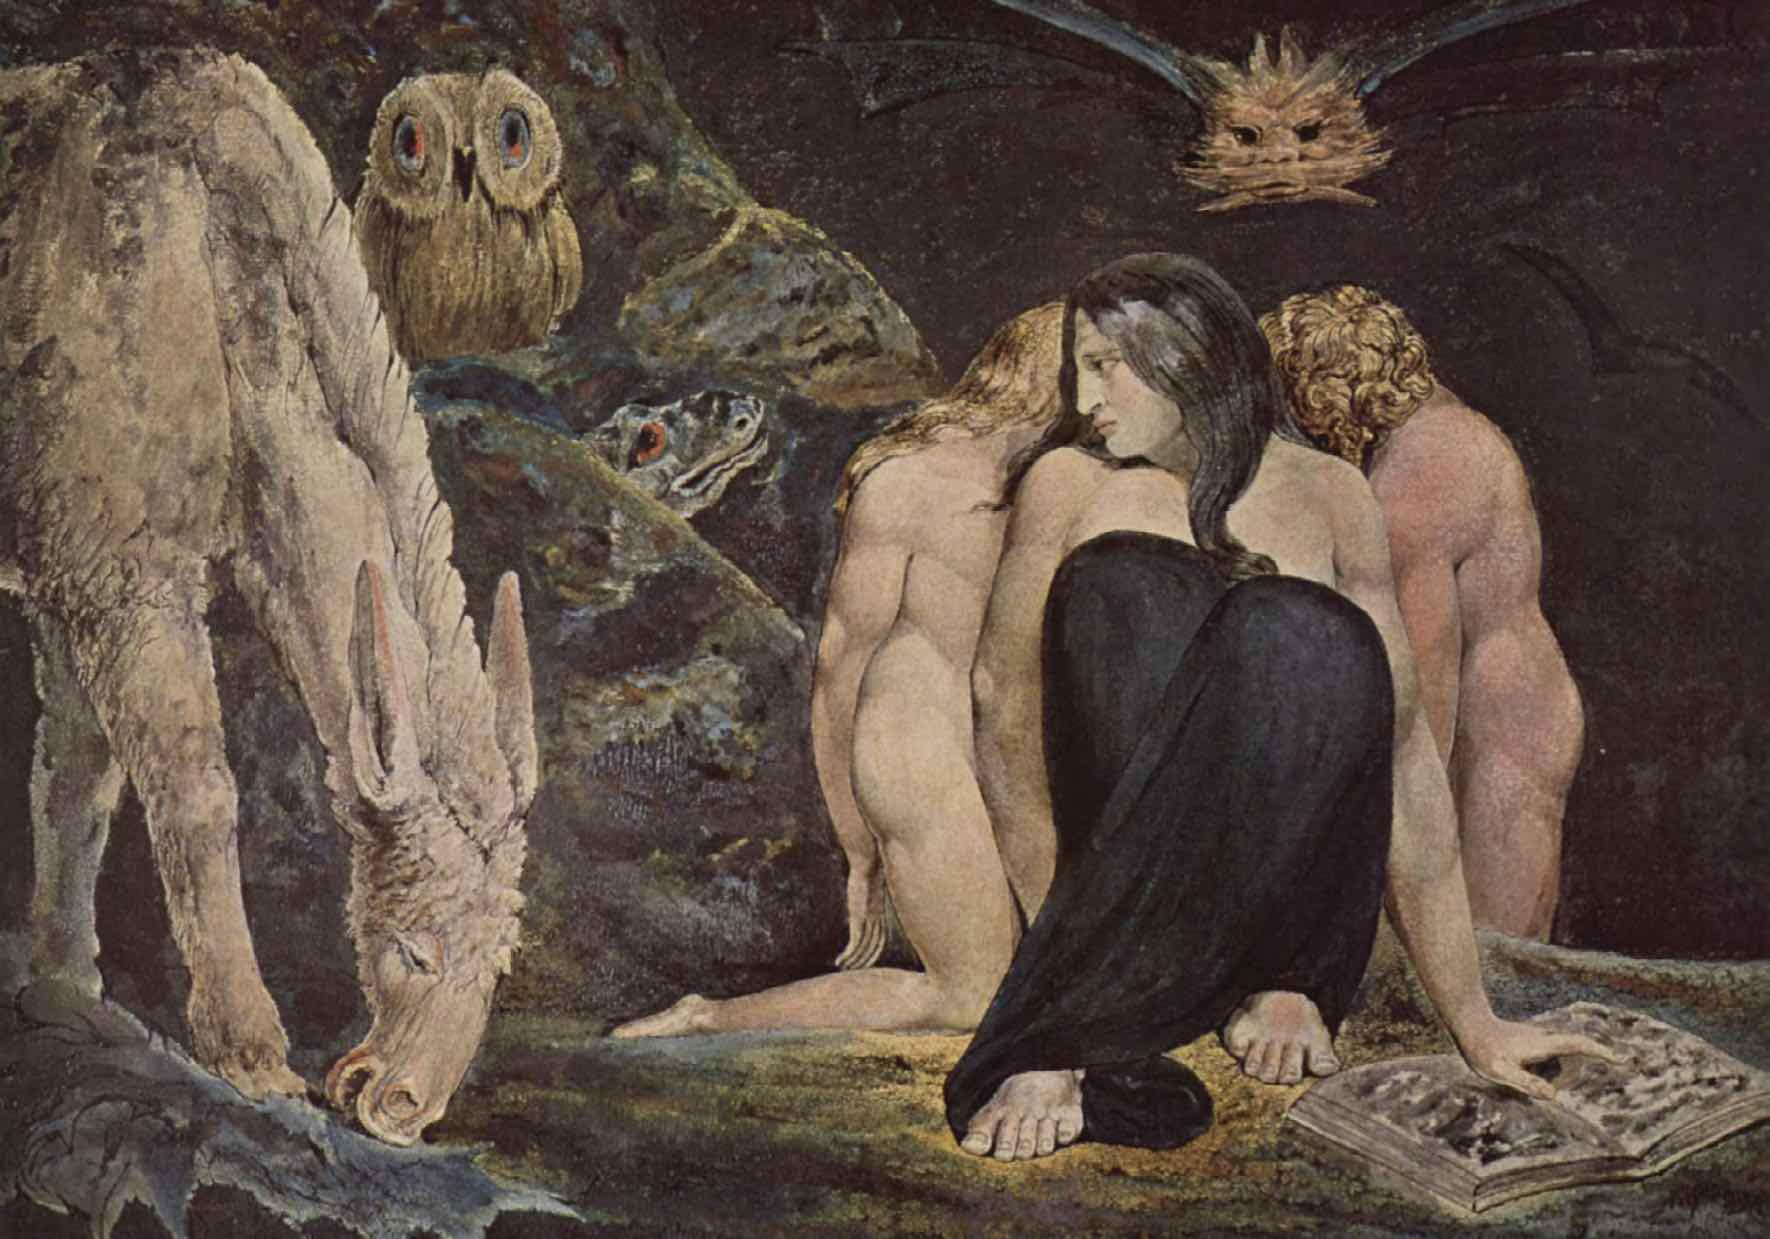 The Night of Enitharmon's Joy, 1795, William Blake. B